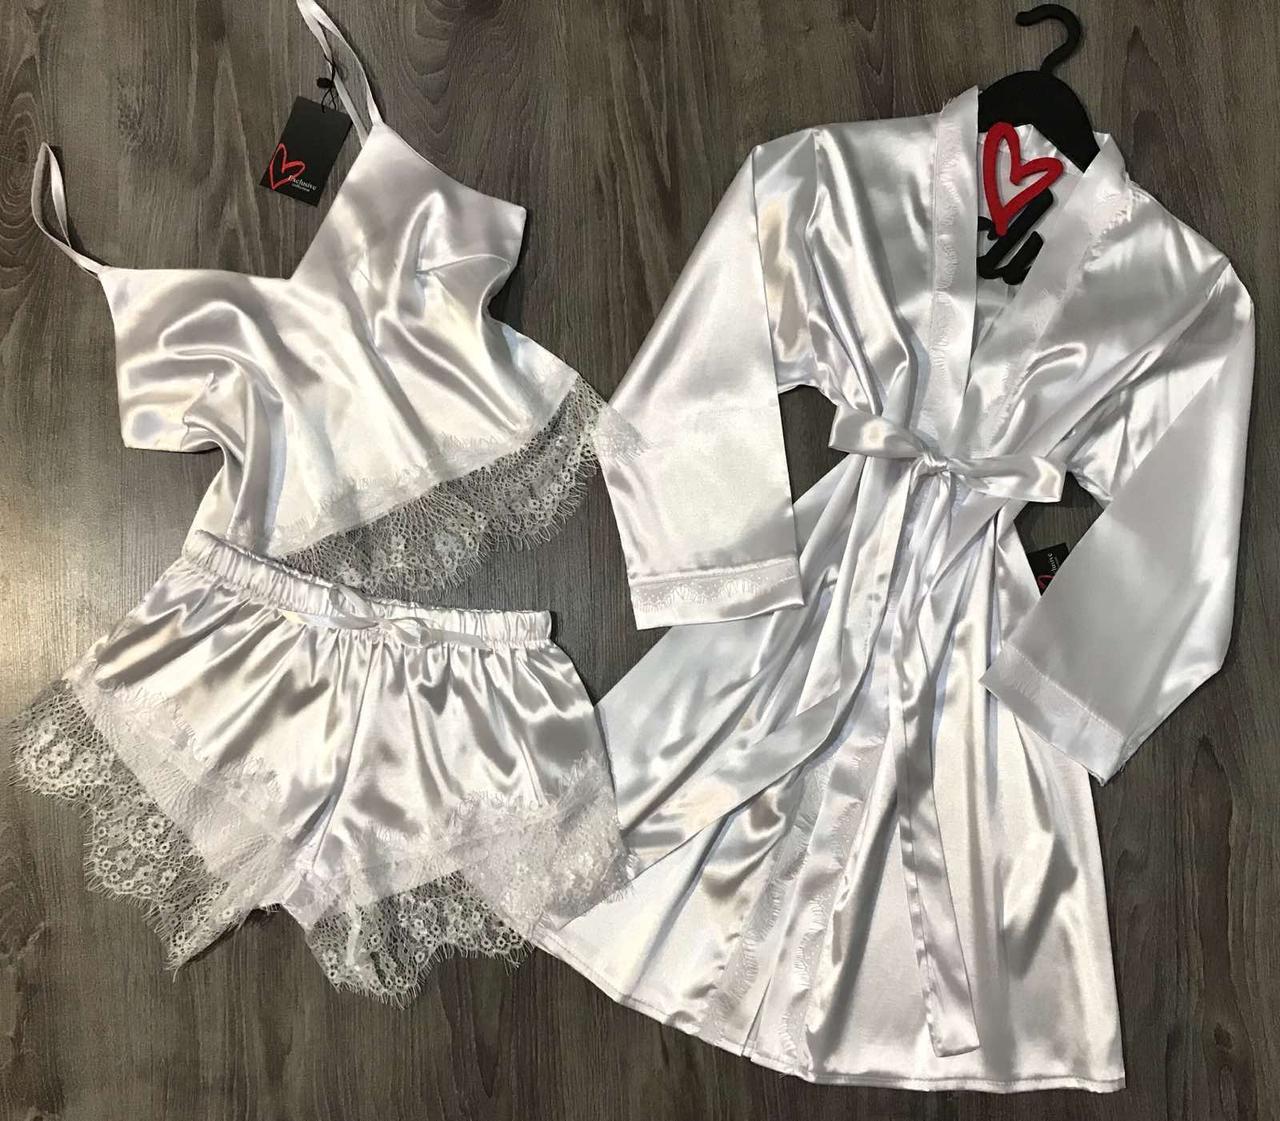 Белый комплект одежды для сна и отдыха.